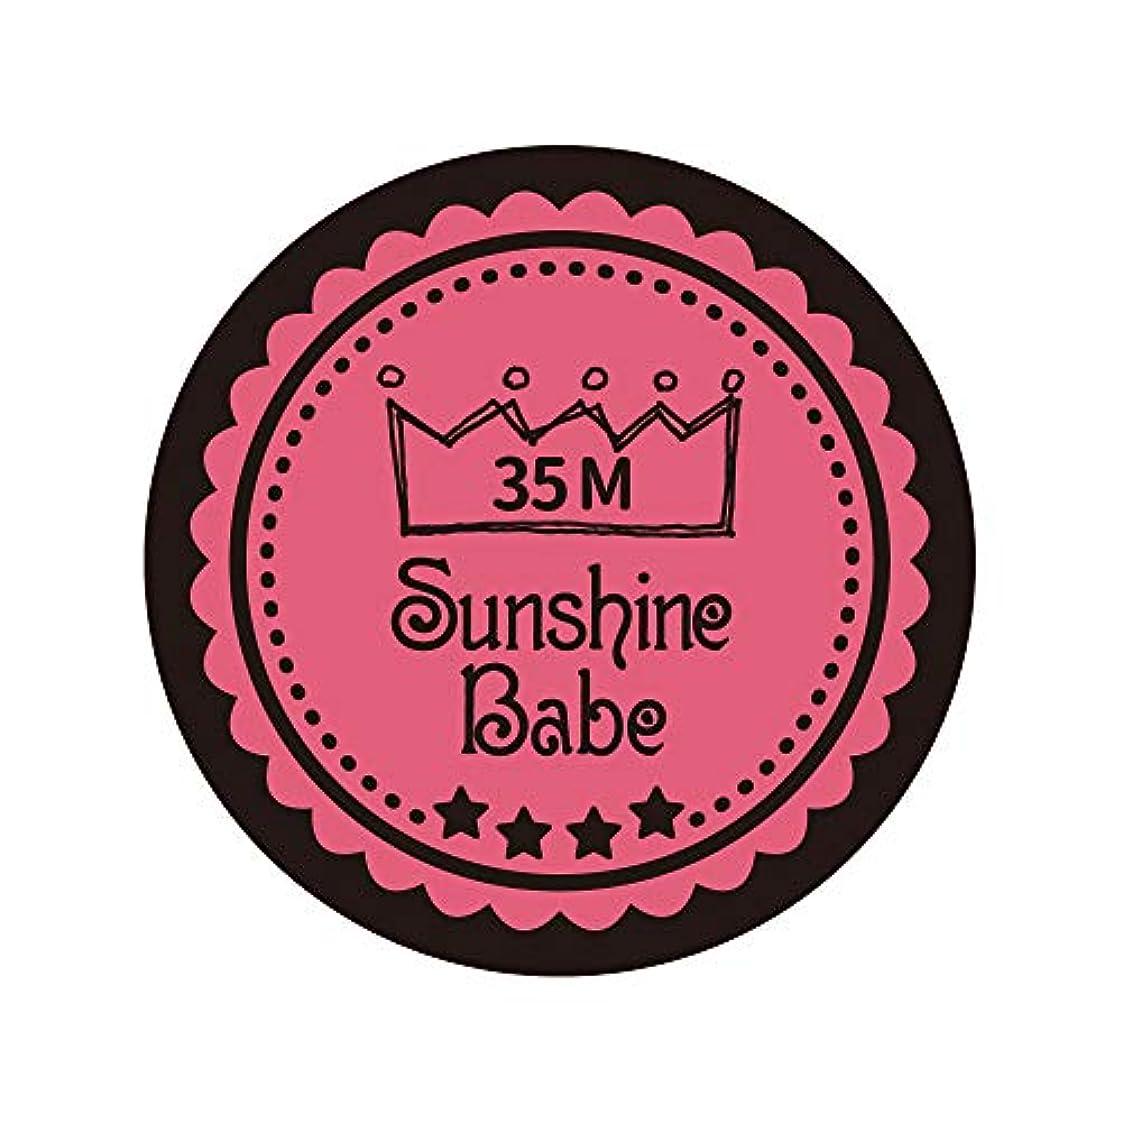 大腿うれしい学校の先生Sunshine Babe カラージェル 35M ローズピンク 4g UV/LED対応